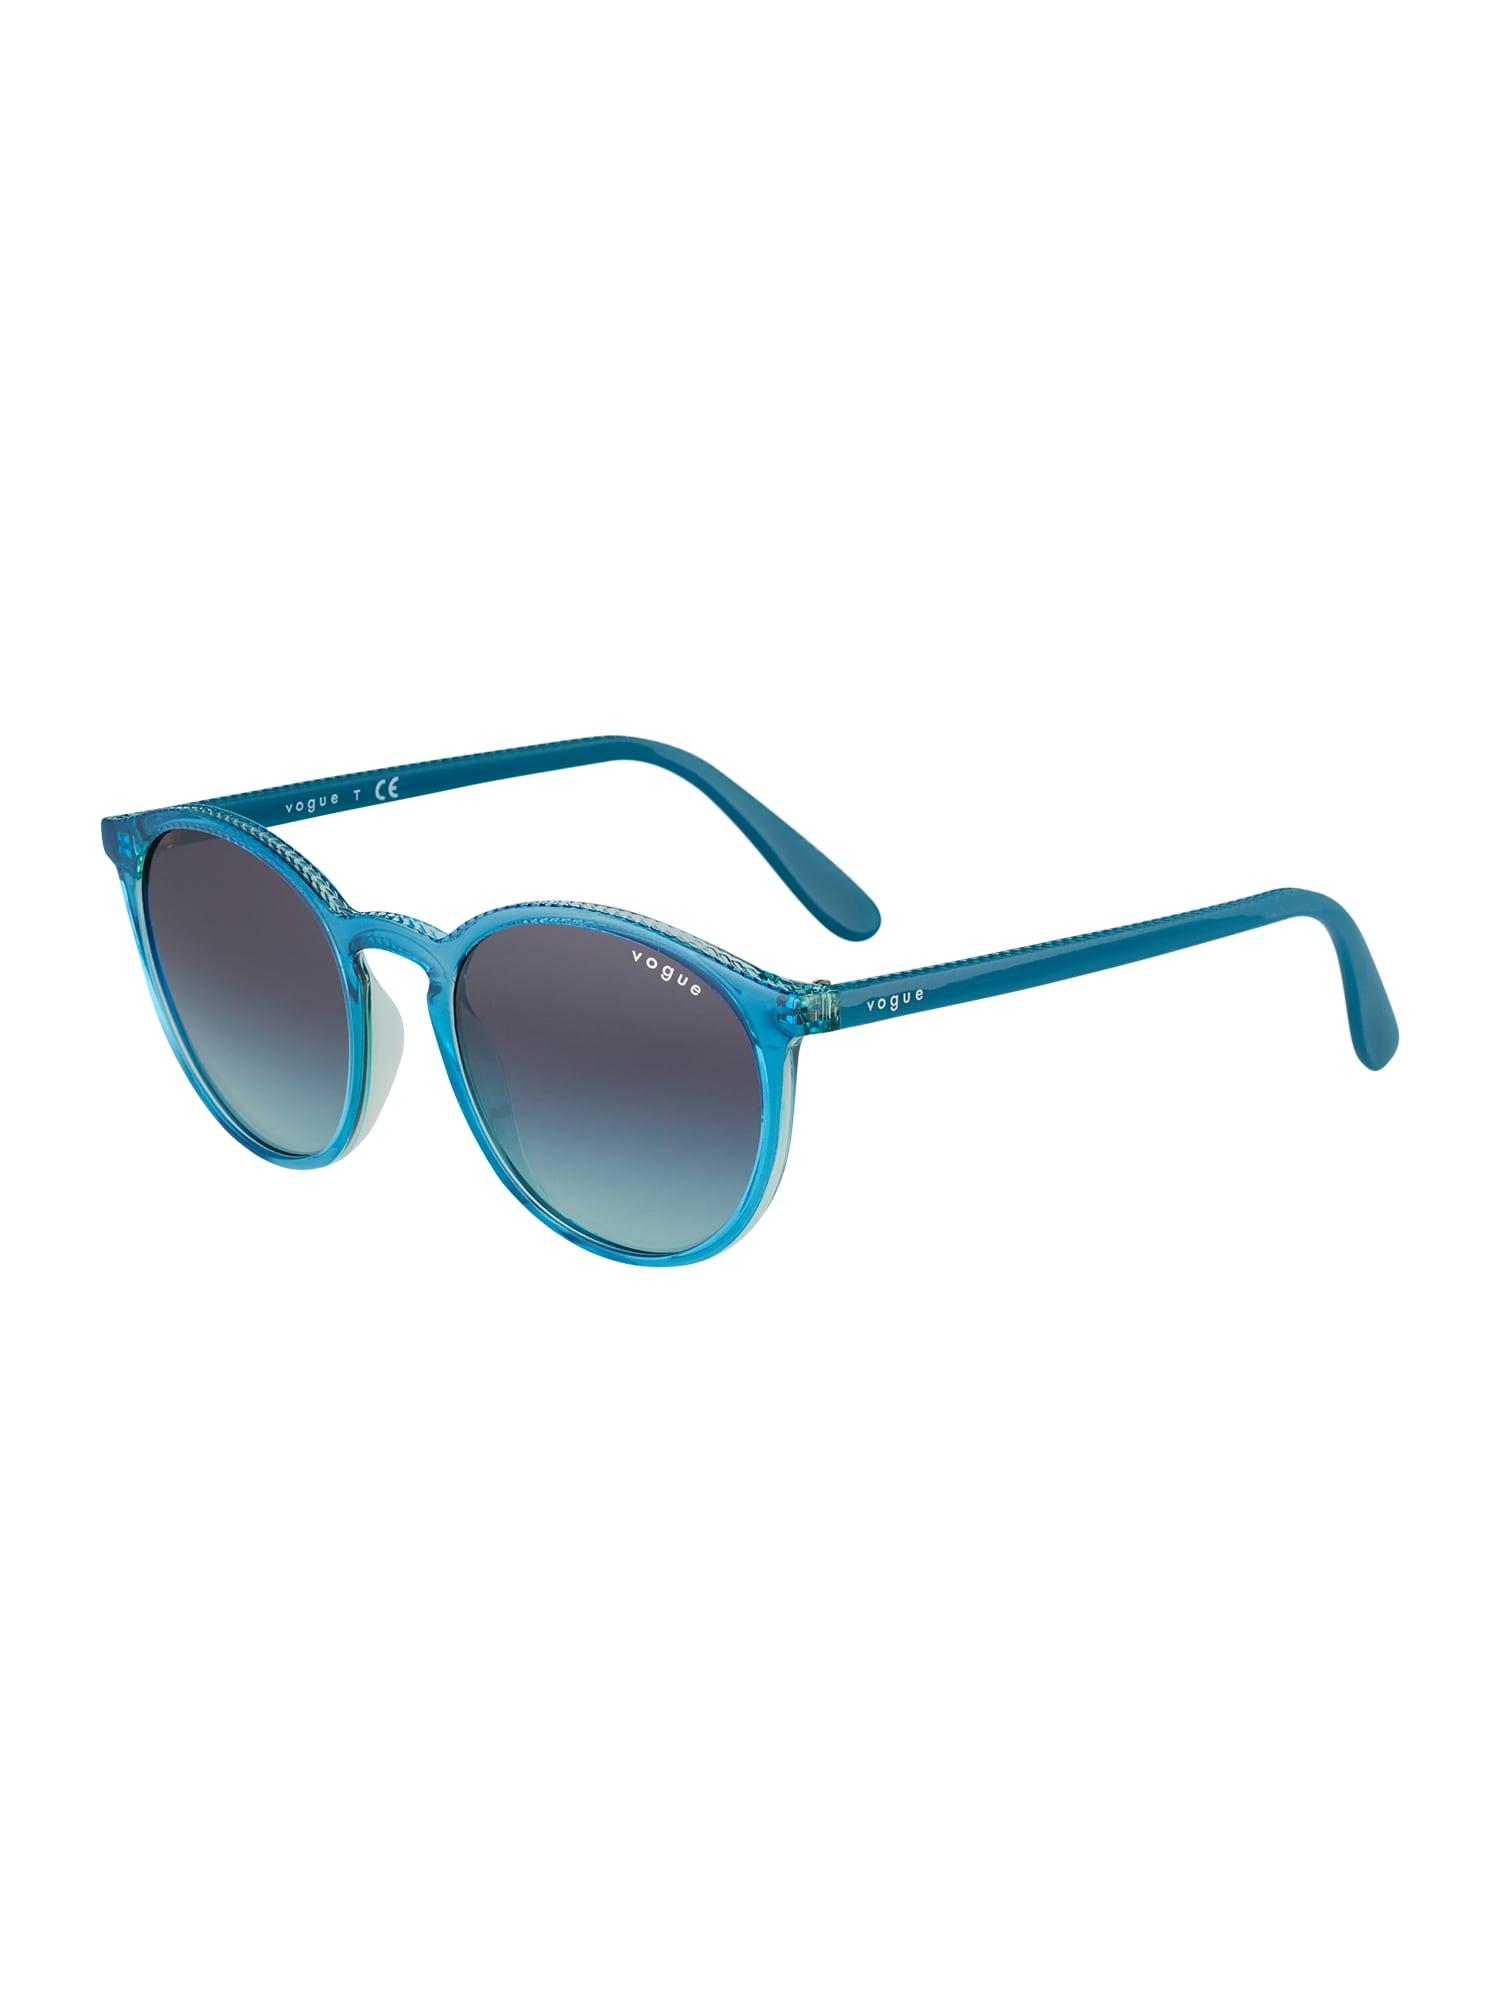 VOGUE Eyewear Akiniai nuo saulės benzino spalva / šviesiai mėlyna